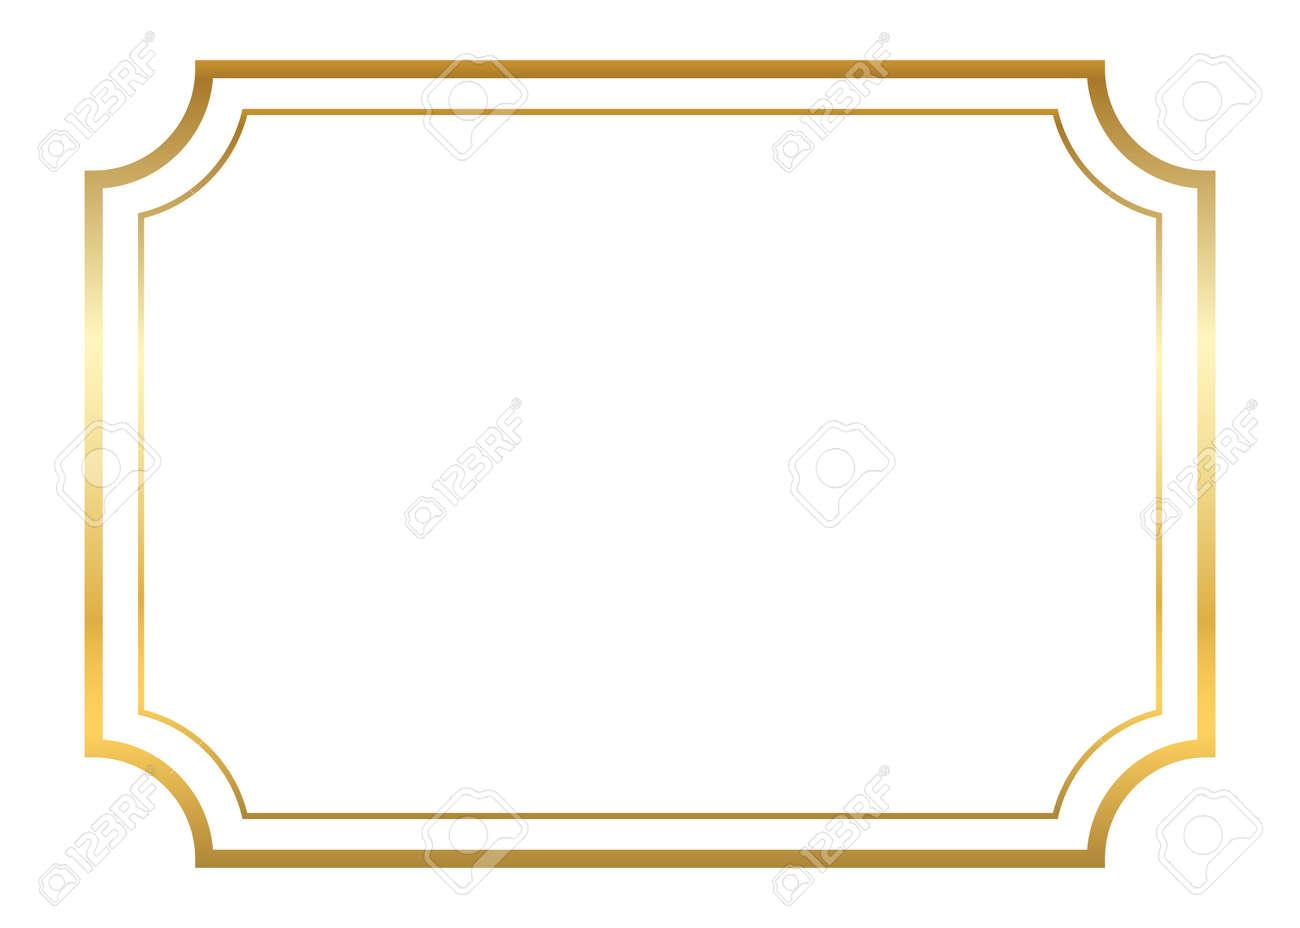 Marco De Oro. Diseño De Oro Hermoso Simple. Estilo De Borde ...